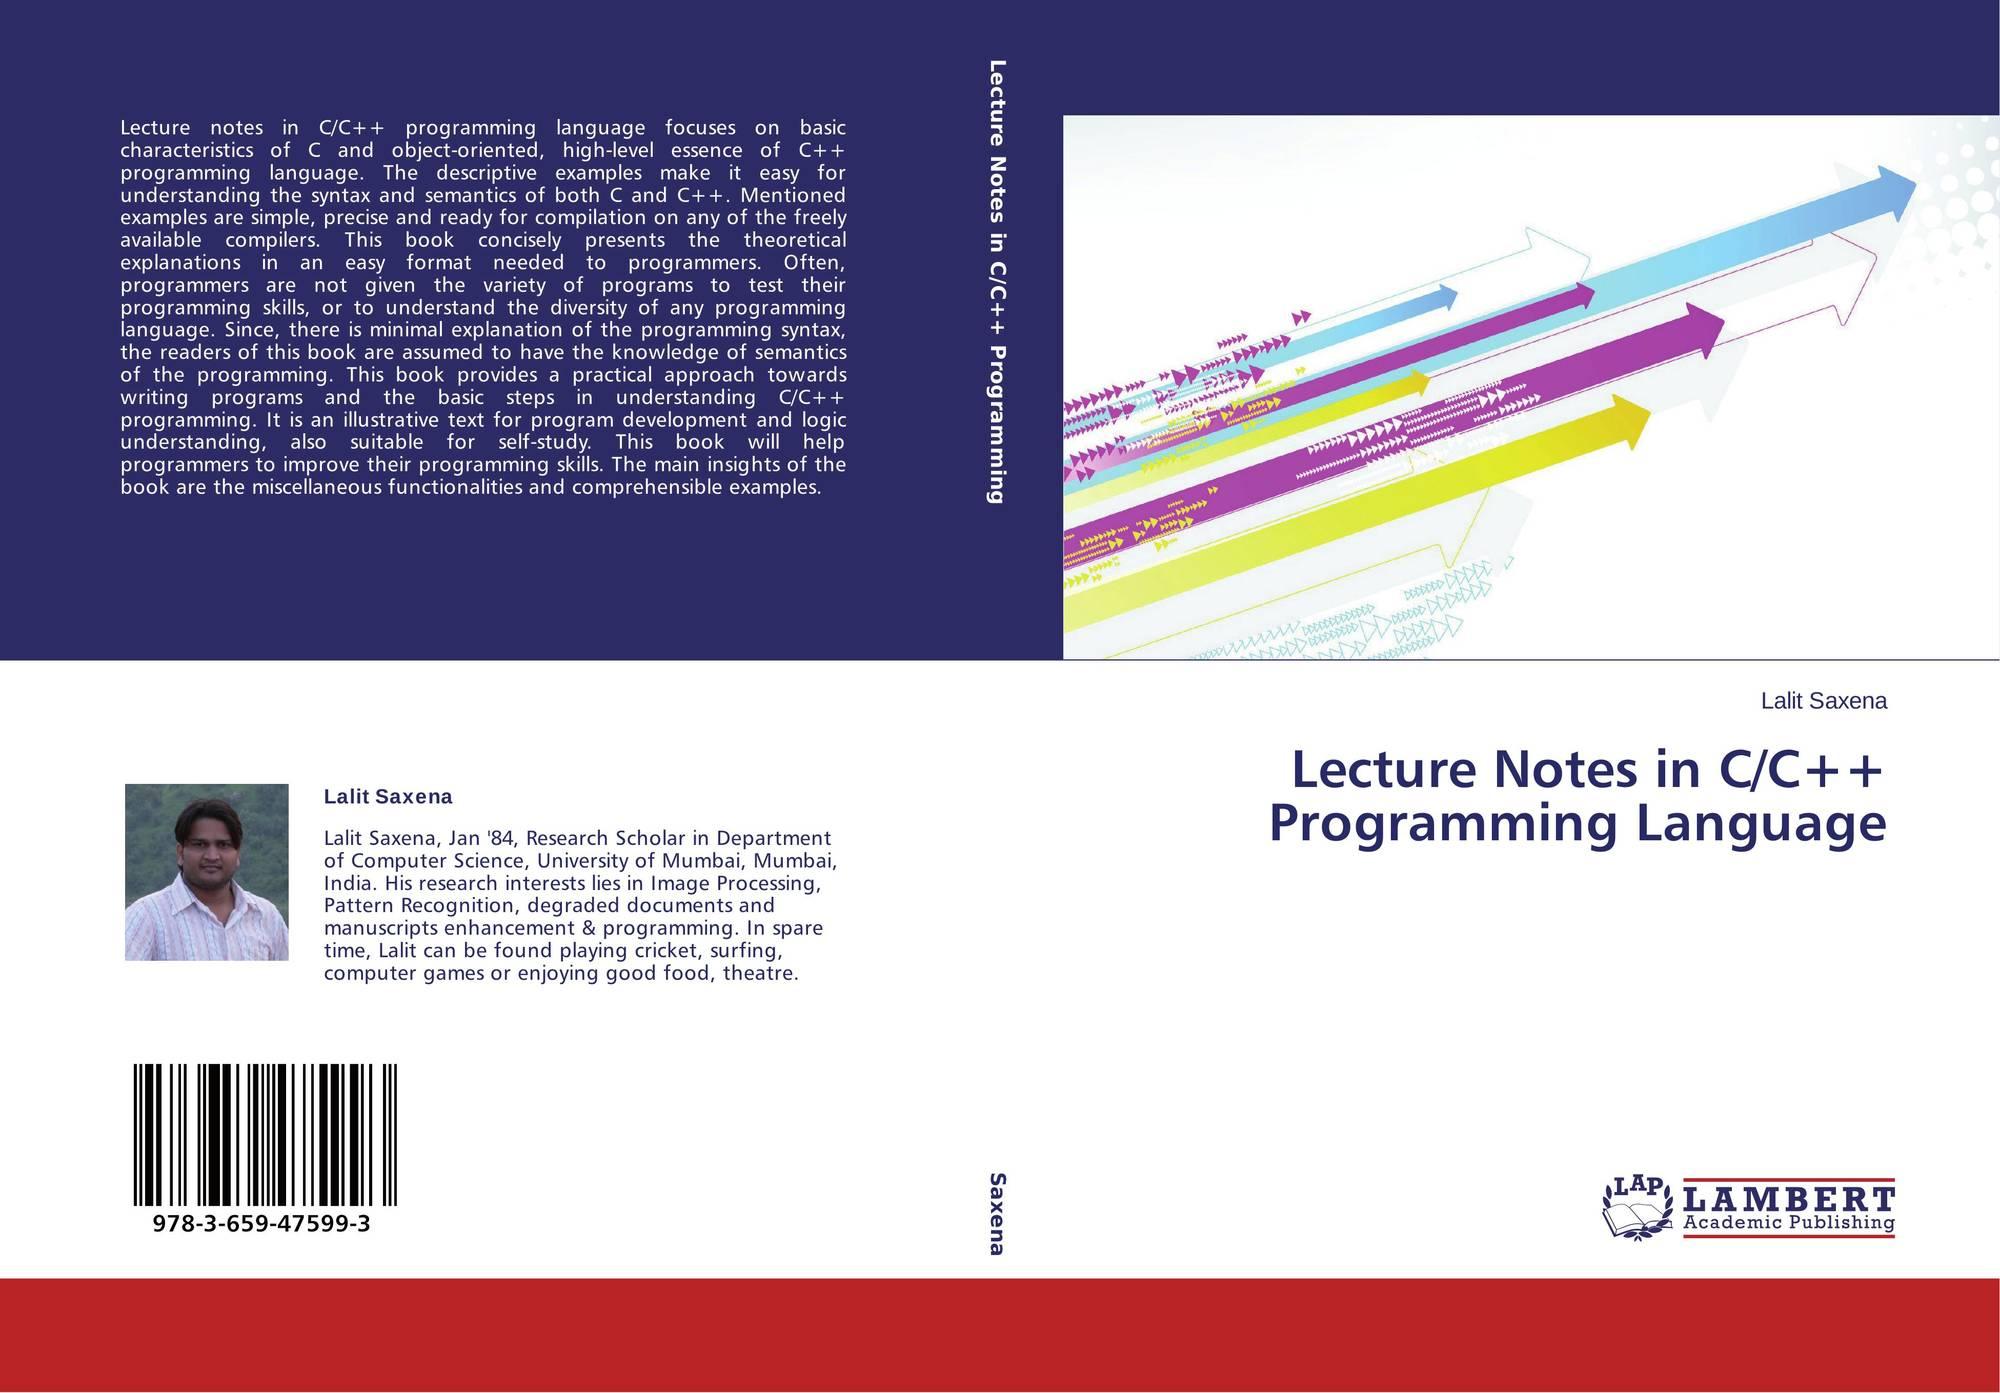 c++ programming language notes pdf